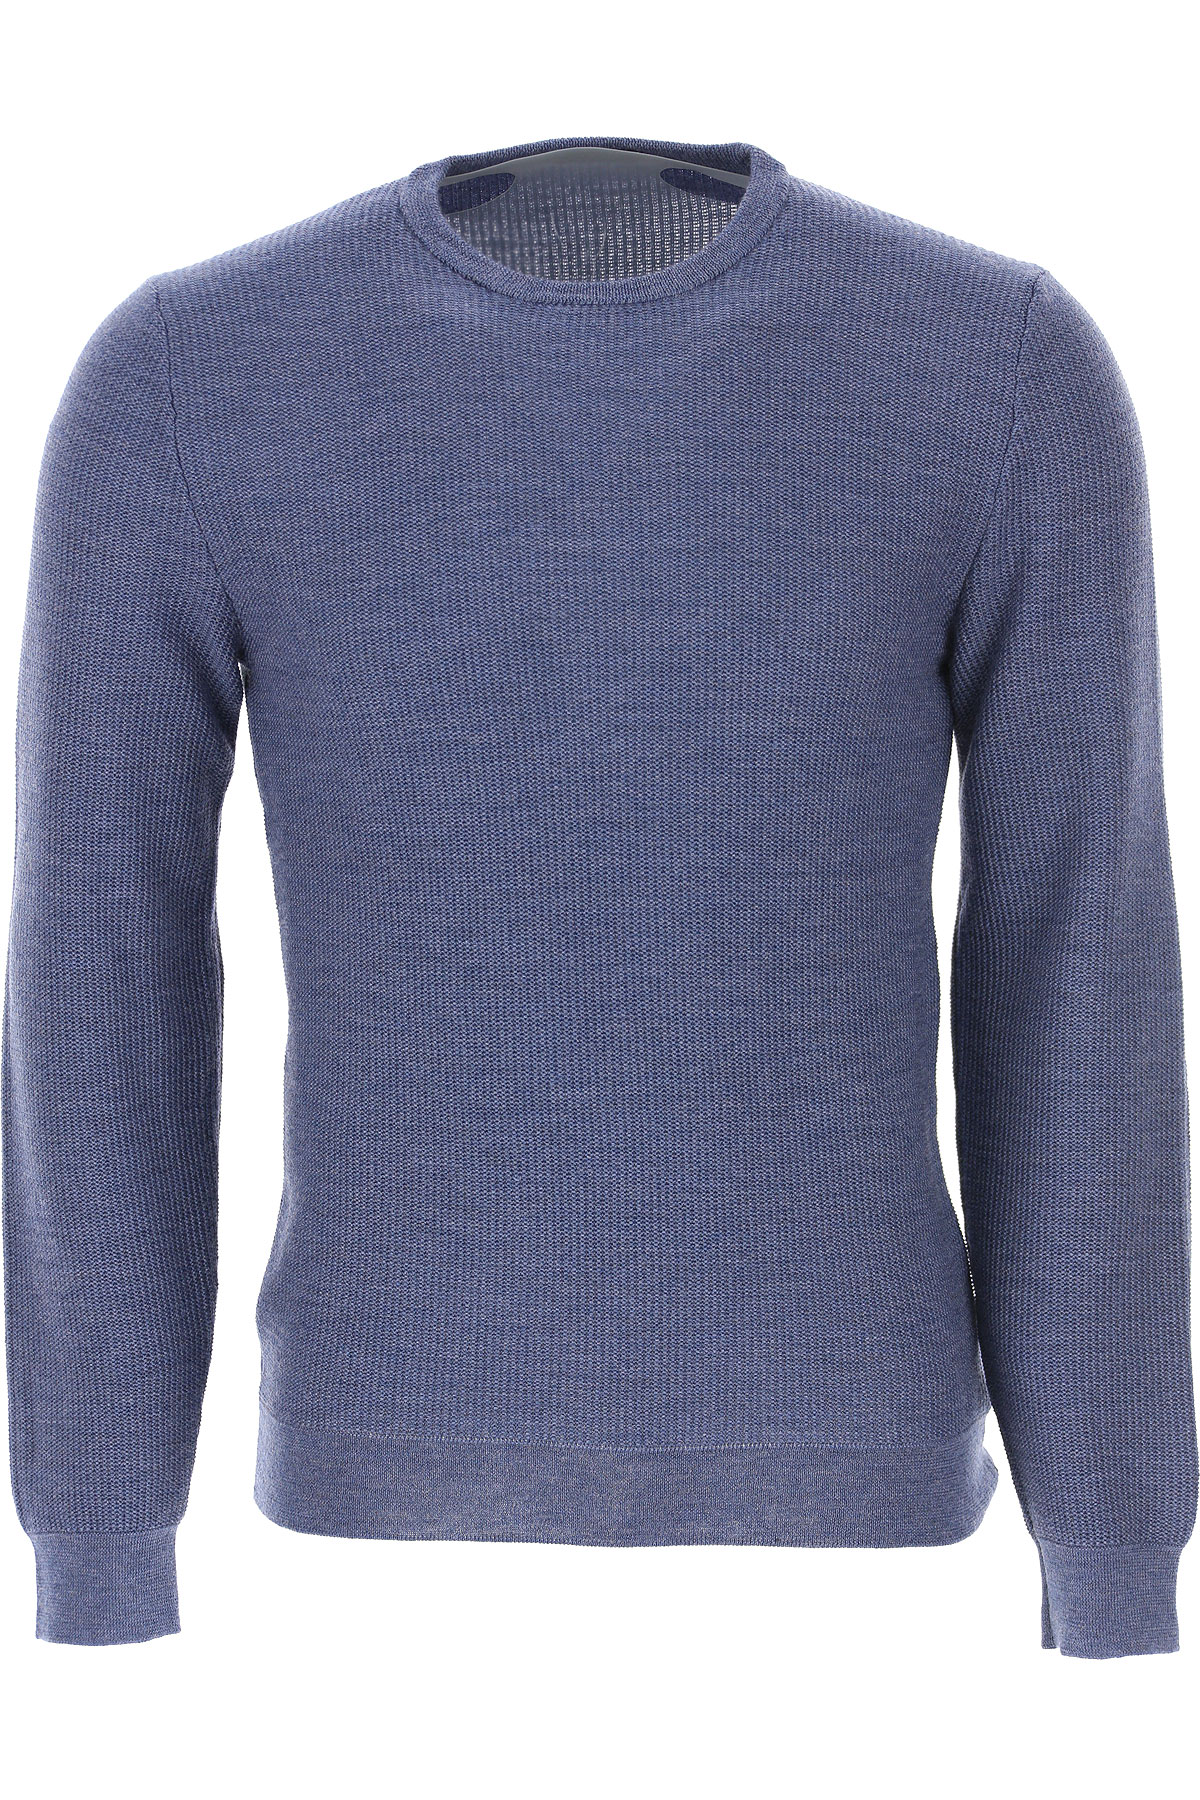 Zanone Sweater for Men Jumper On Sale, Blue Denim, Virgin wool, 2019, L M S